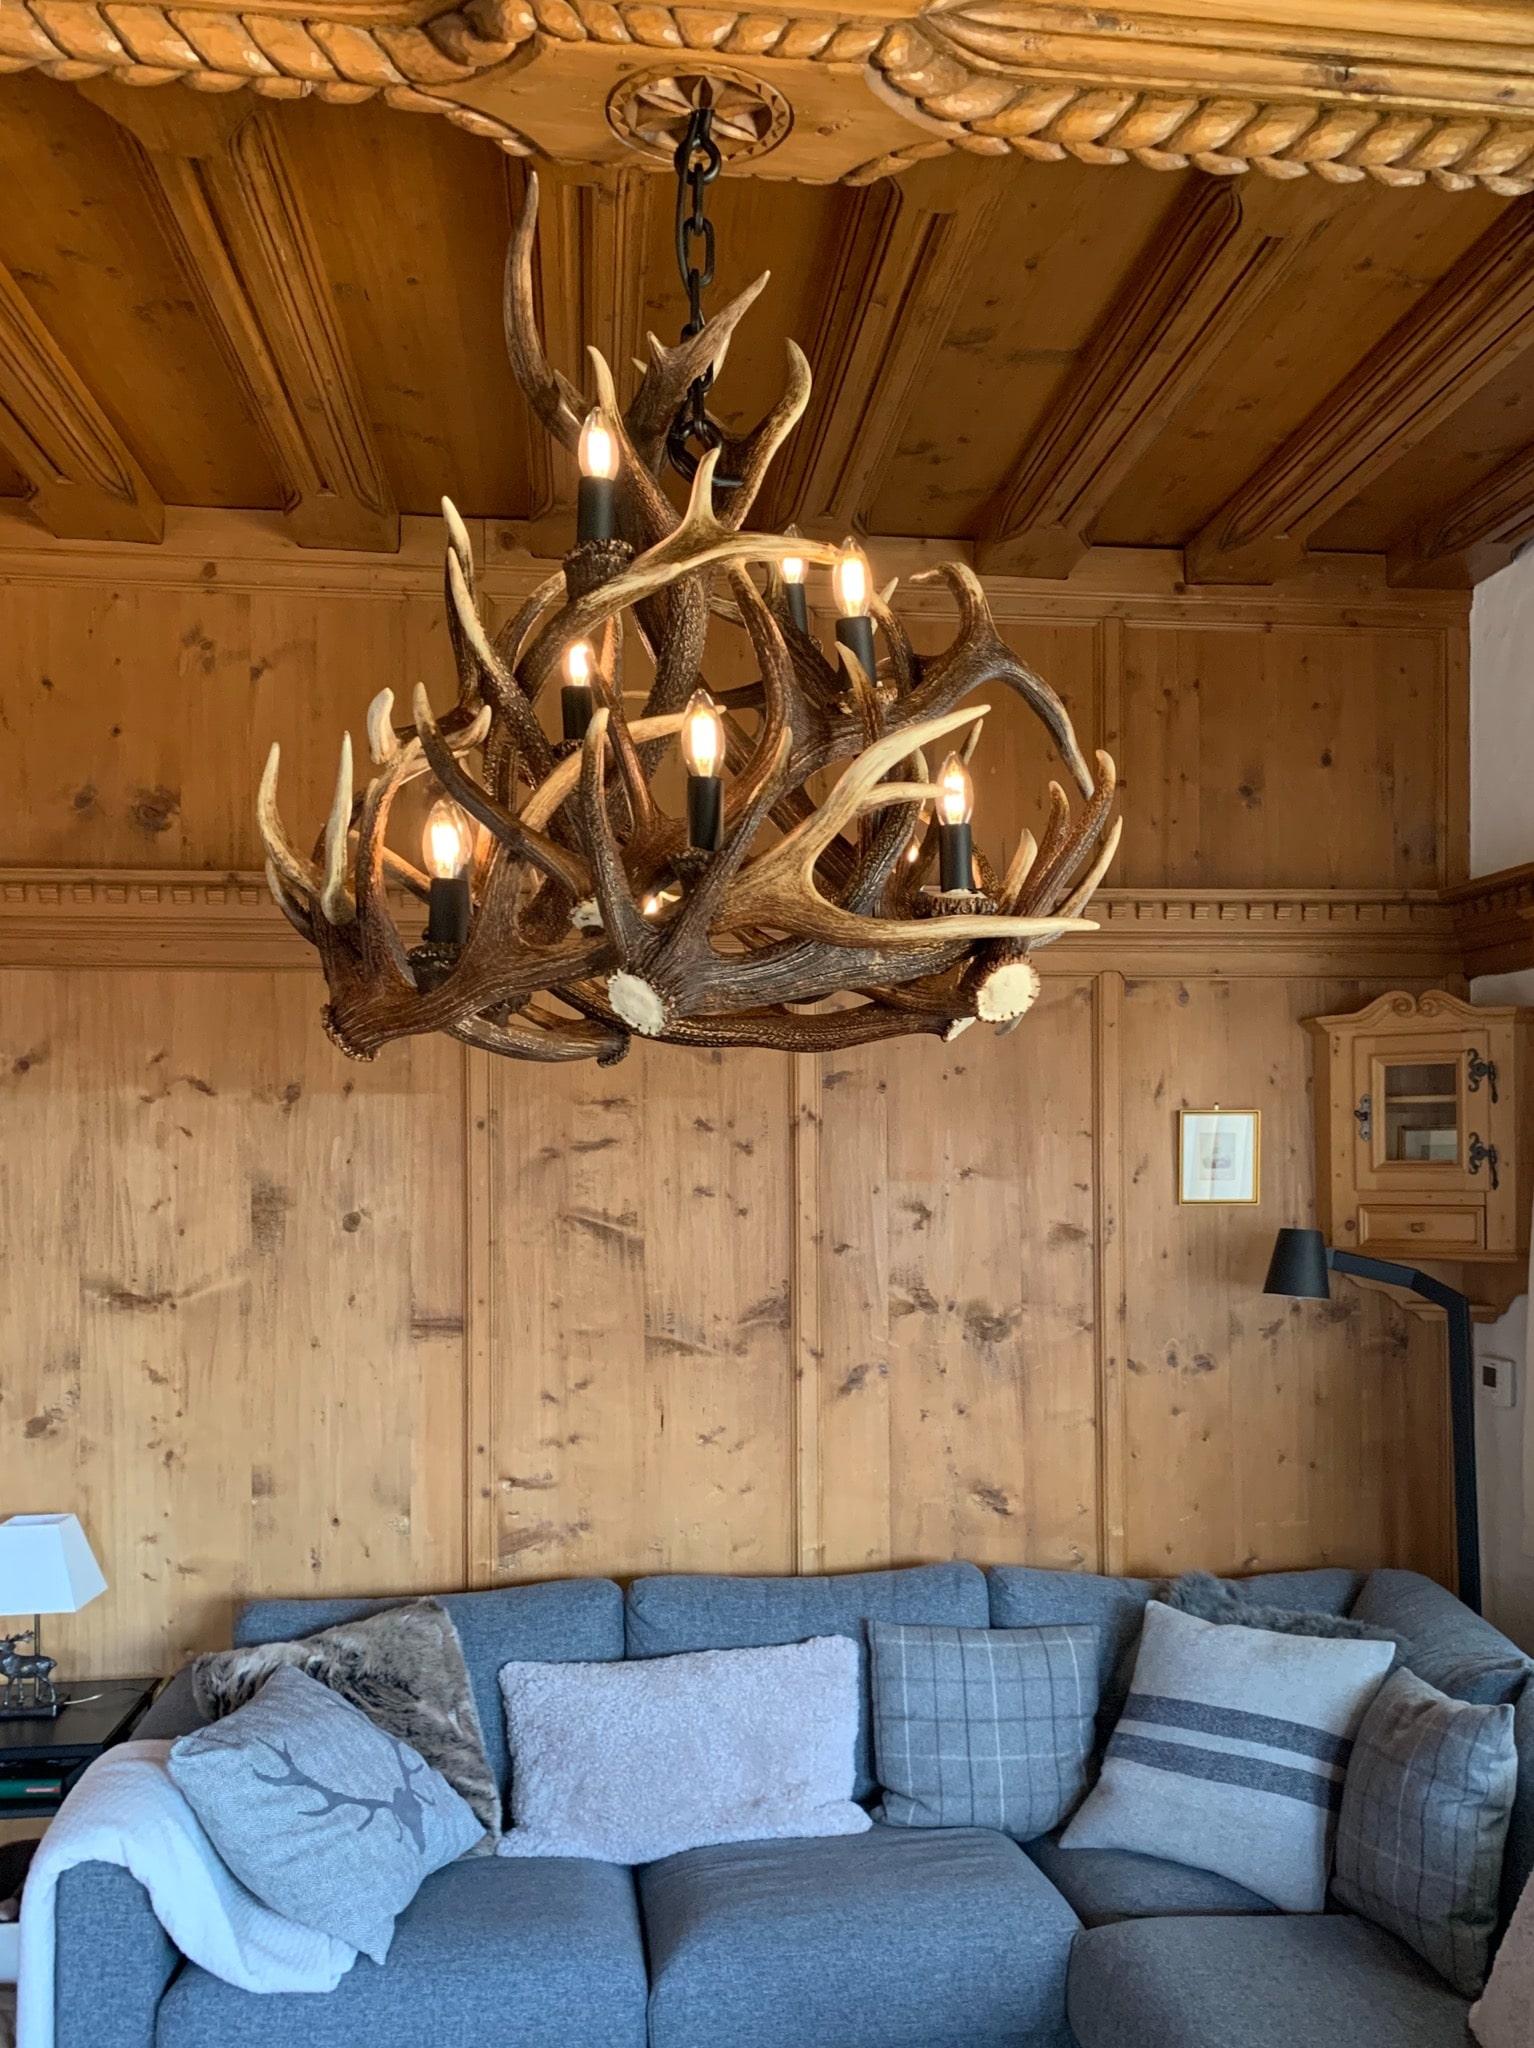 Full Size of Landhaus Lampen Landhausstil Schlafzimmer Kche Esstisch Boxspring Küchen Regal Küche Selber Planen Weiße Möbelgriffe Anrichte Led Beleuchtung Badezimmer Wohnzimmer Landhaus Küche Lampe